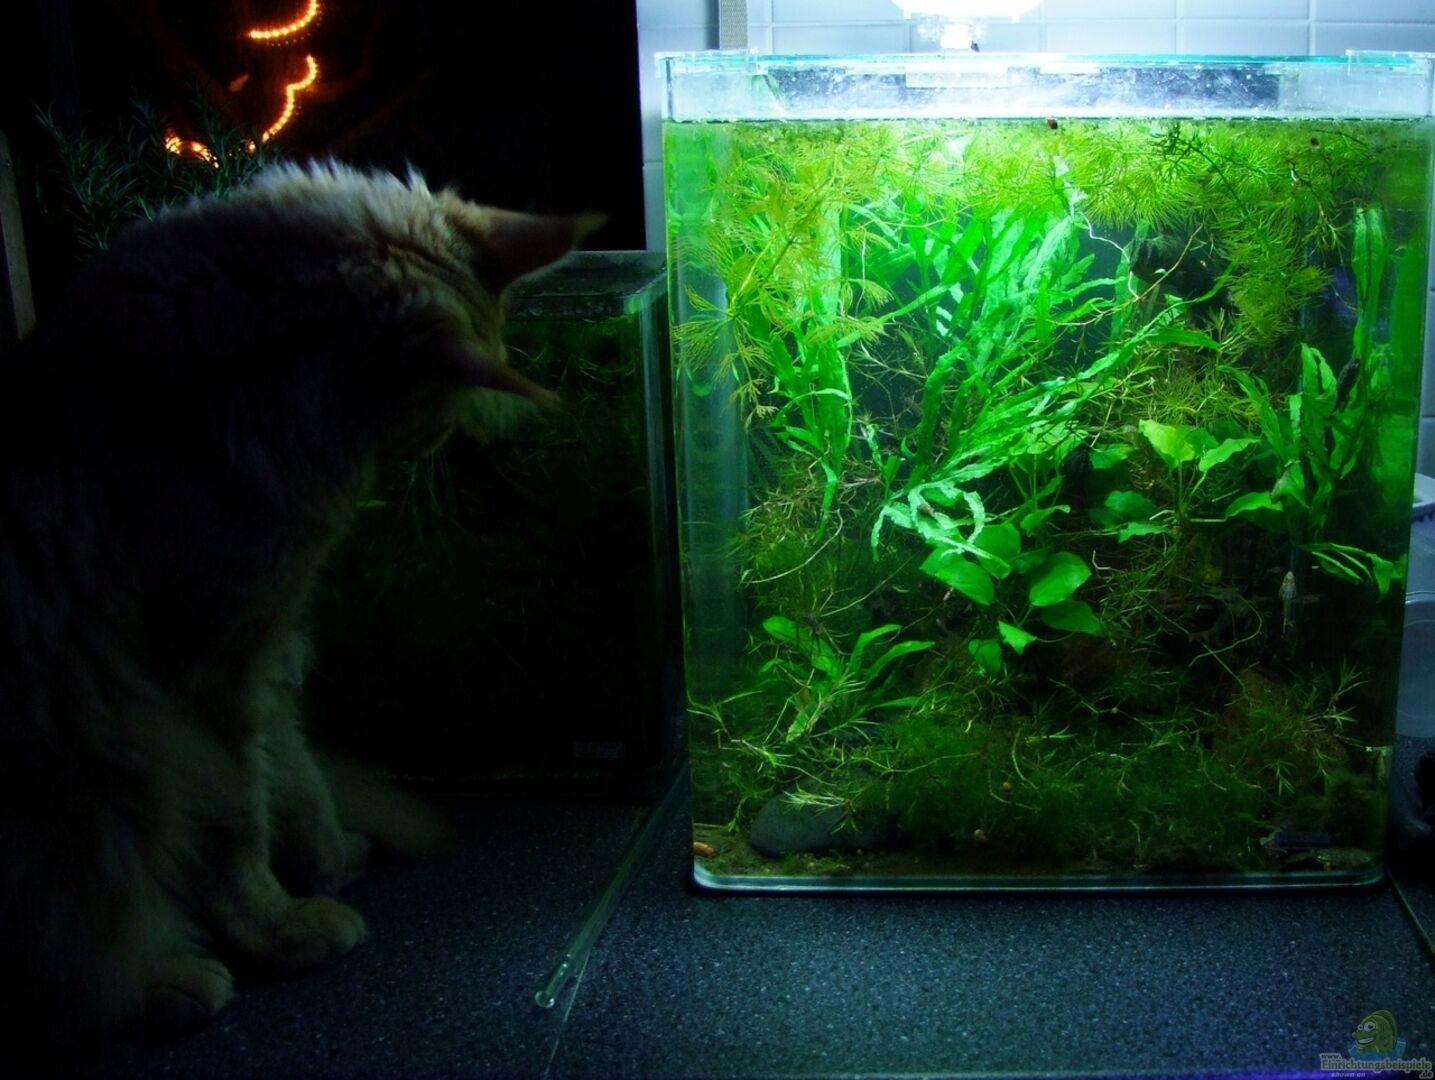 bersicht ber die aquariumbilder aus den beispielen. Black Bedroom Furniture Sets. Home Design Ideas